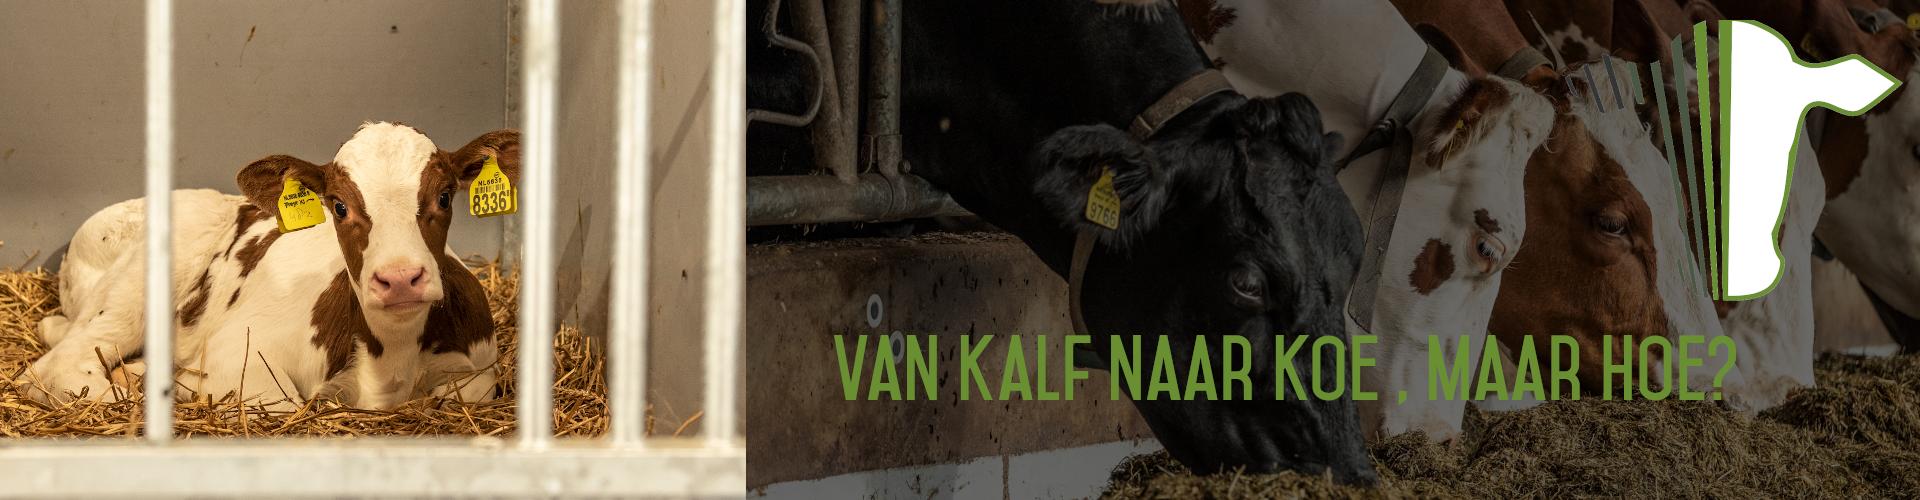 van kalf naar koe